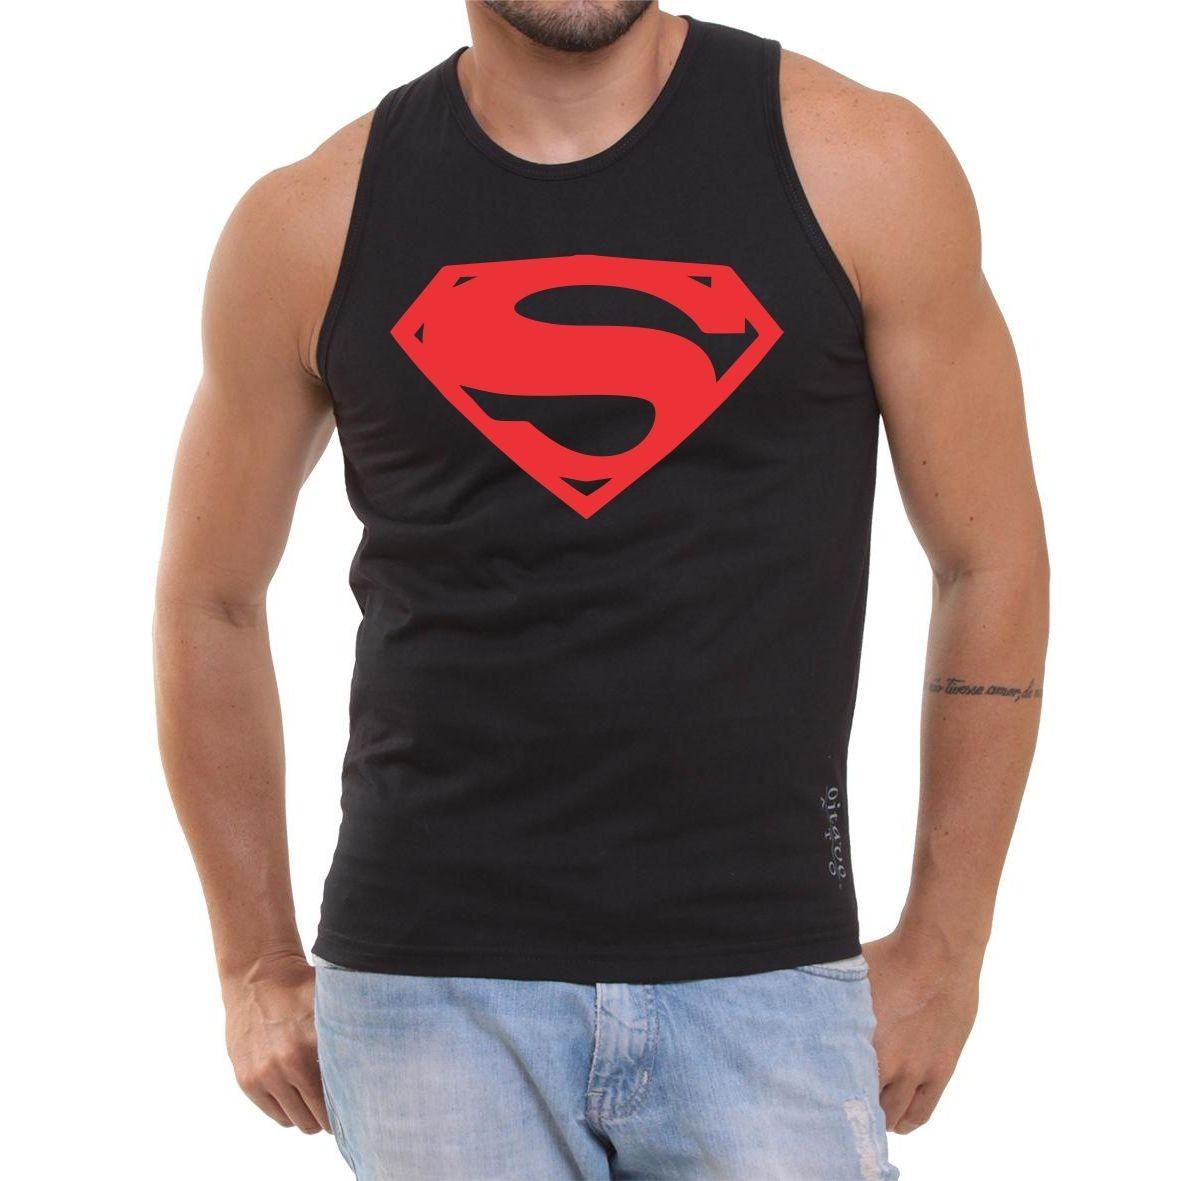 c9ac08431 Carregando zoom... regata super homem treino fitness superman musculação  herói